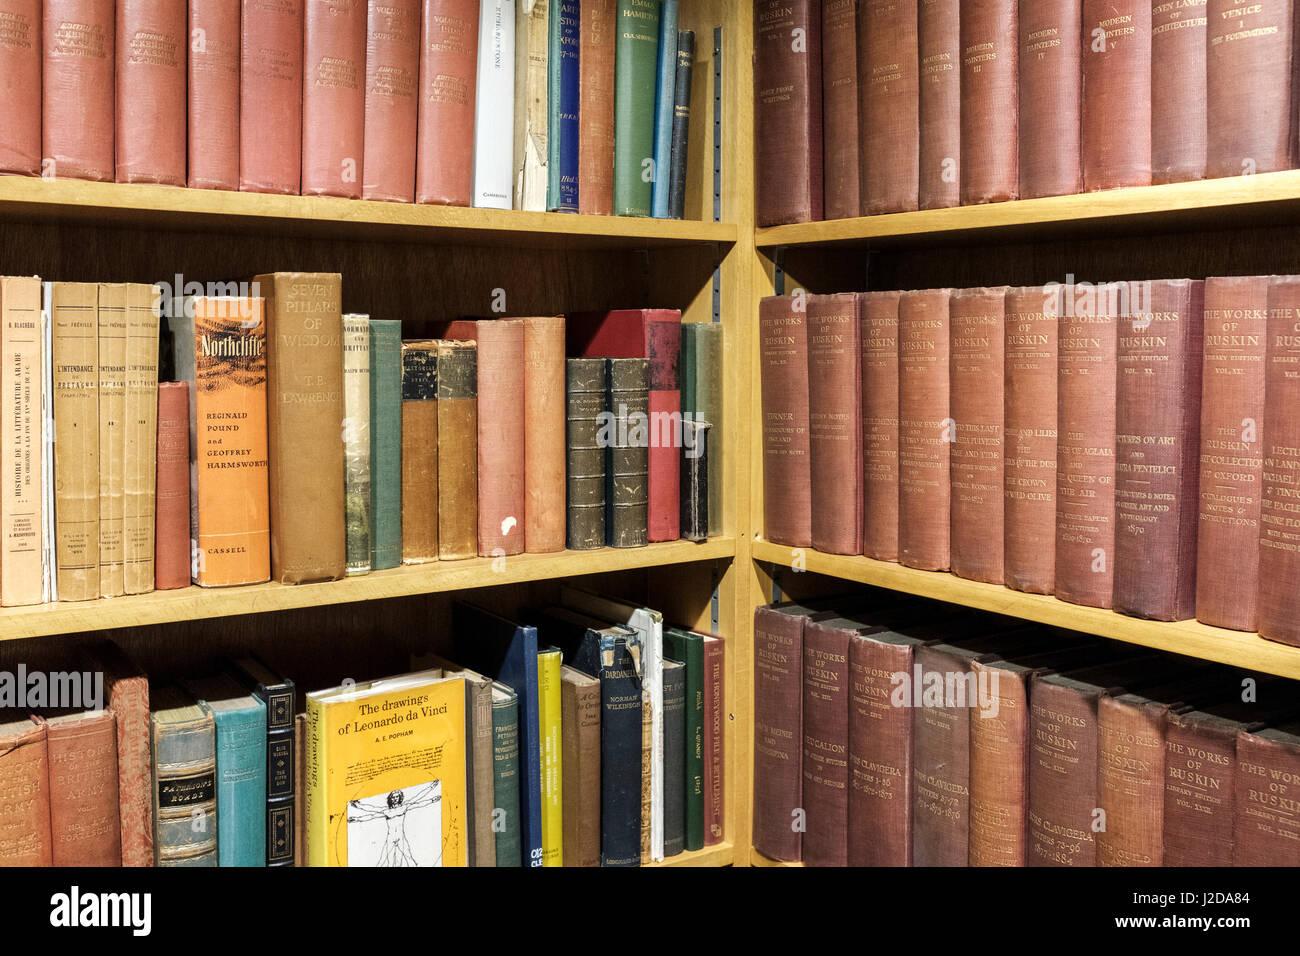 Alt und Erstausgabe Bücher in Regalen, London, England Stockfoto